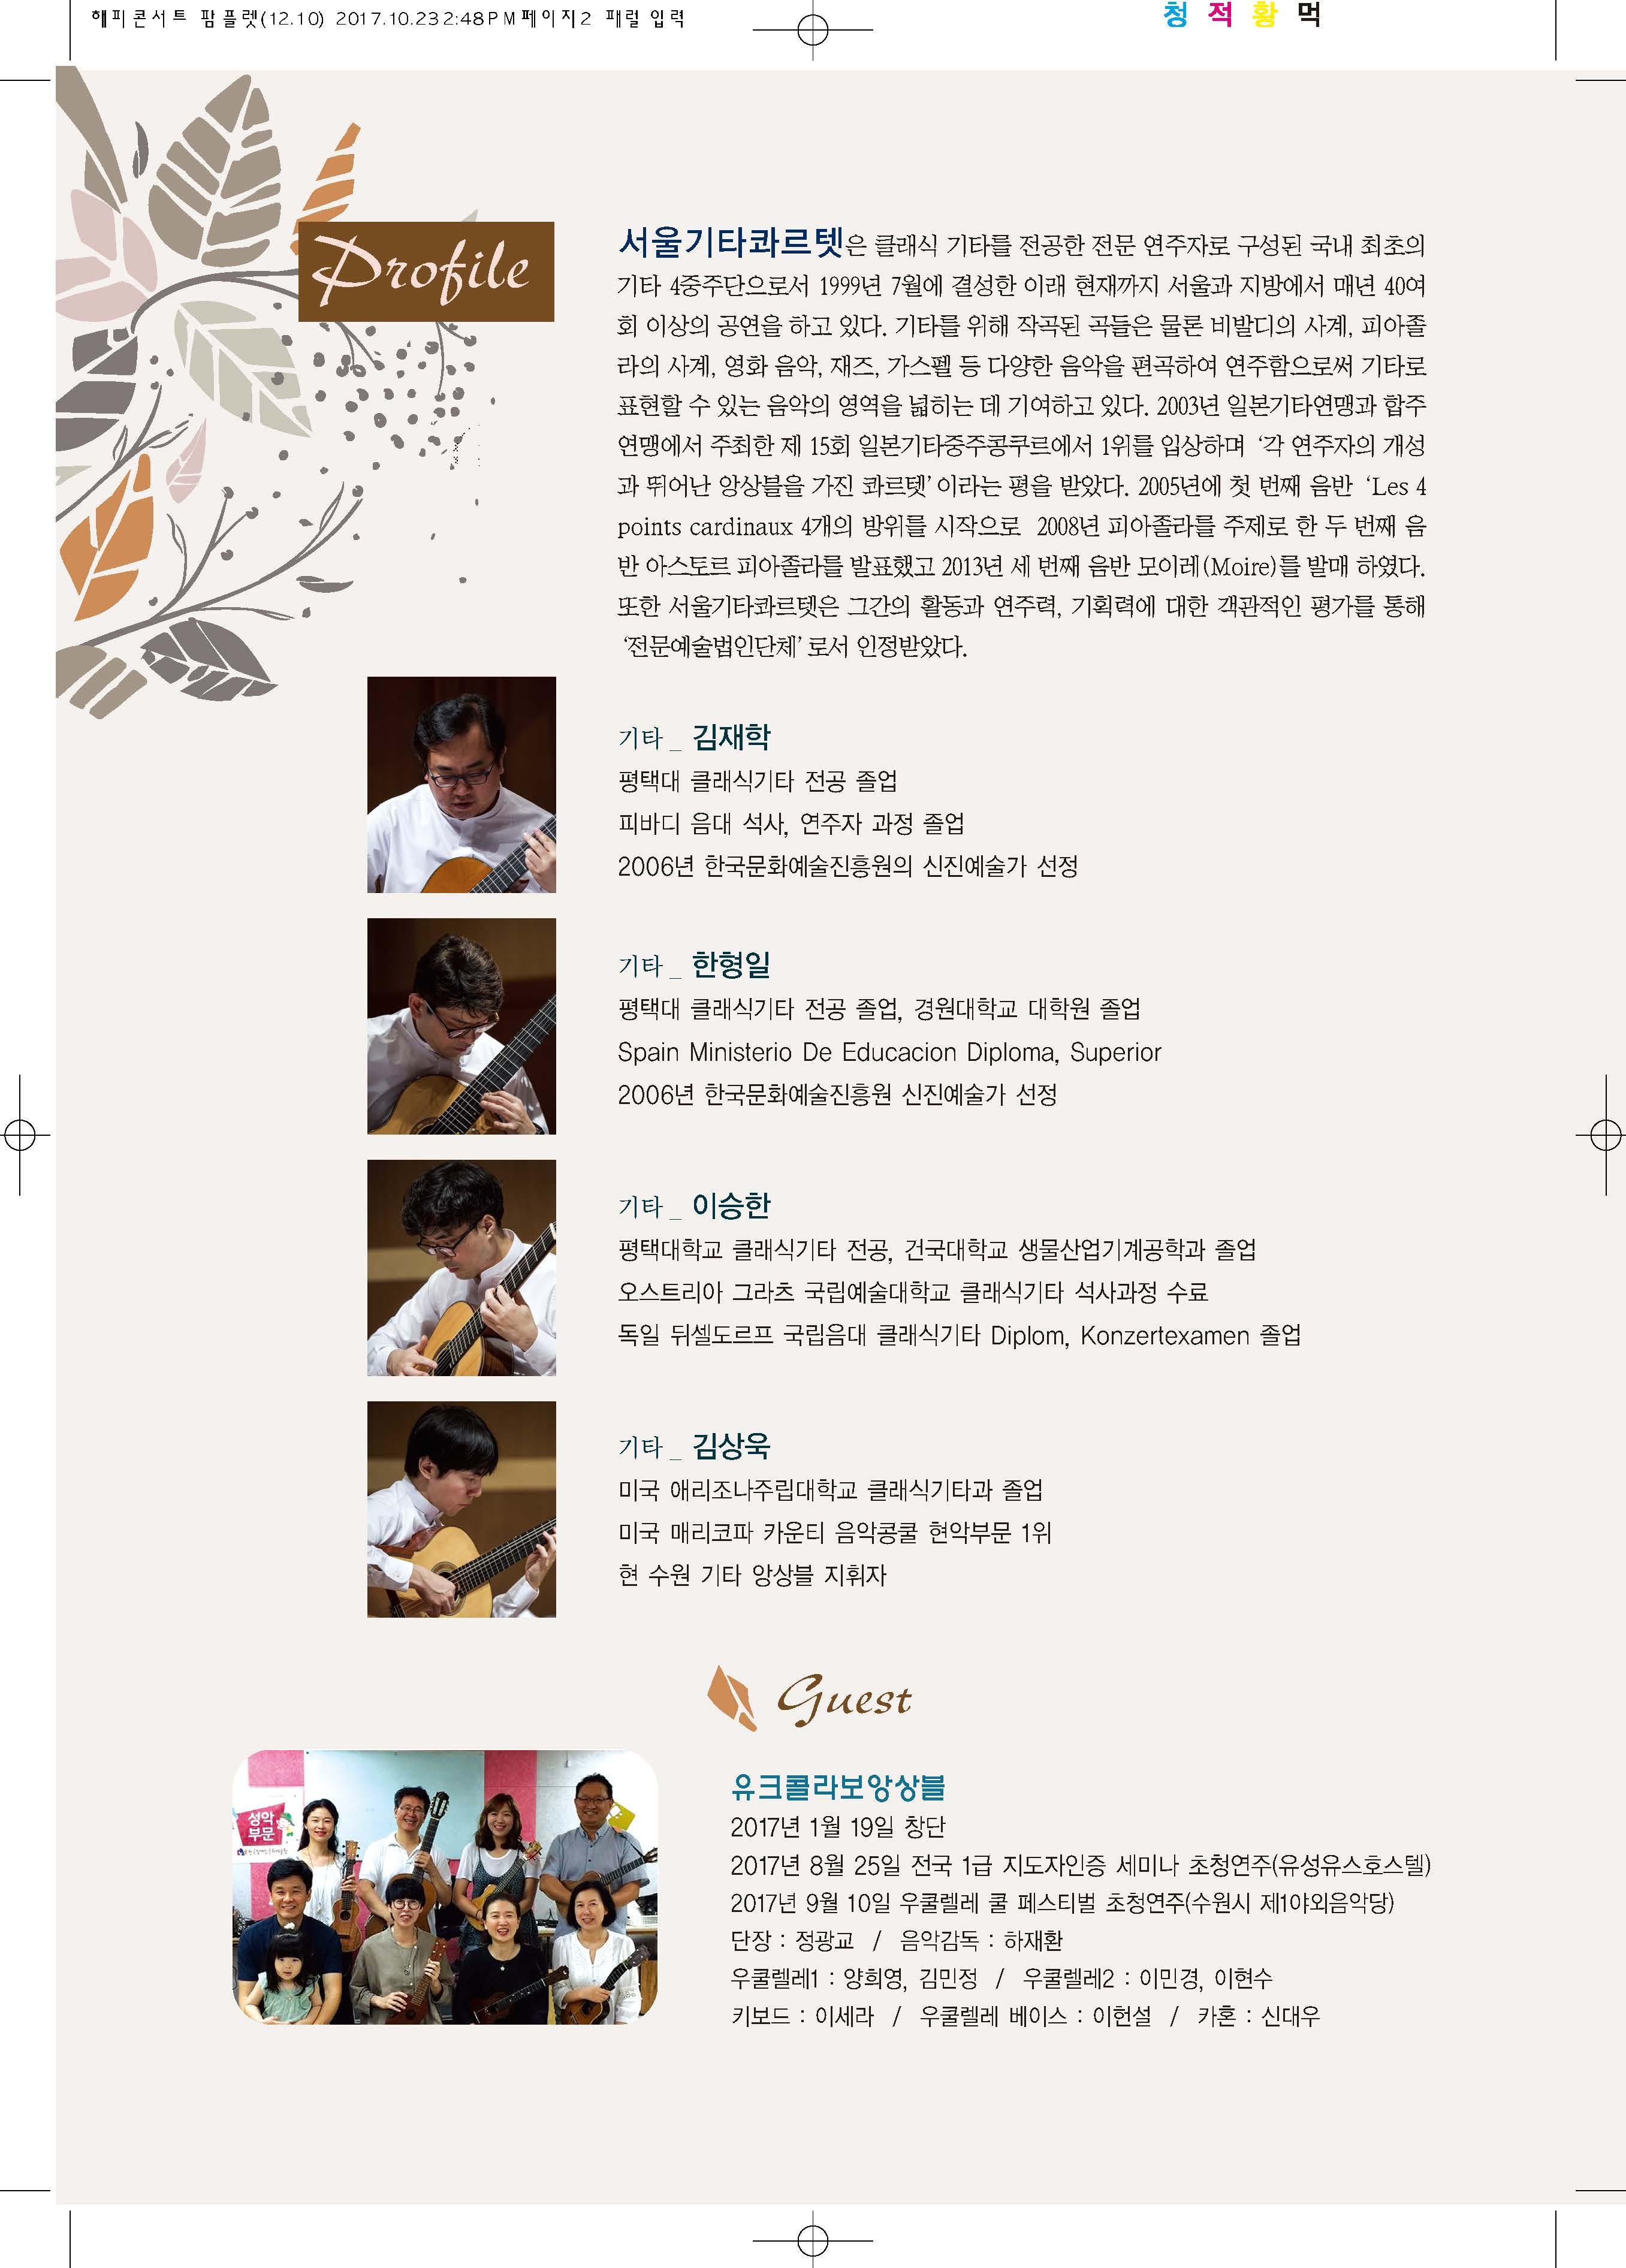 서울기타콰르텟 - 해피콘서트 팜플렛 - 12.10_Page_2.jpg